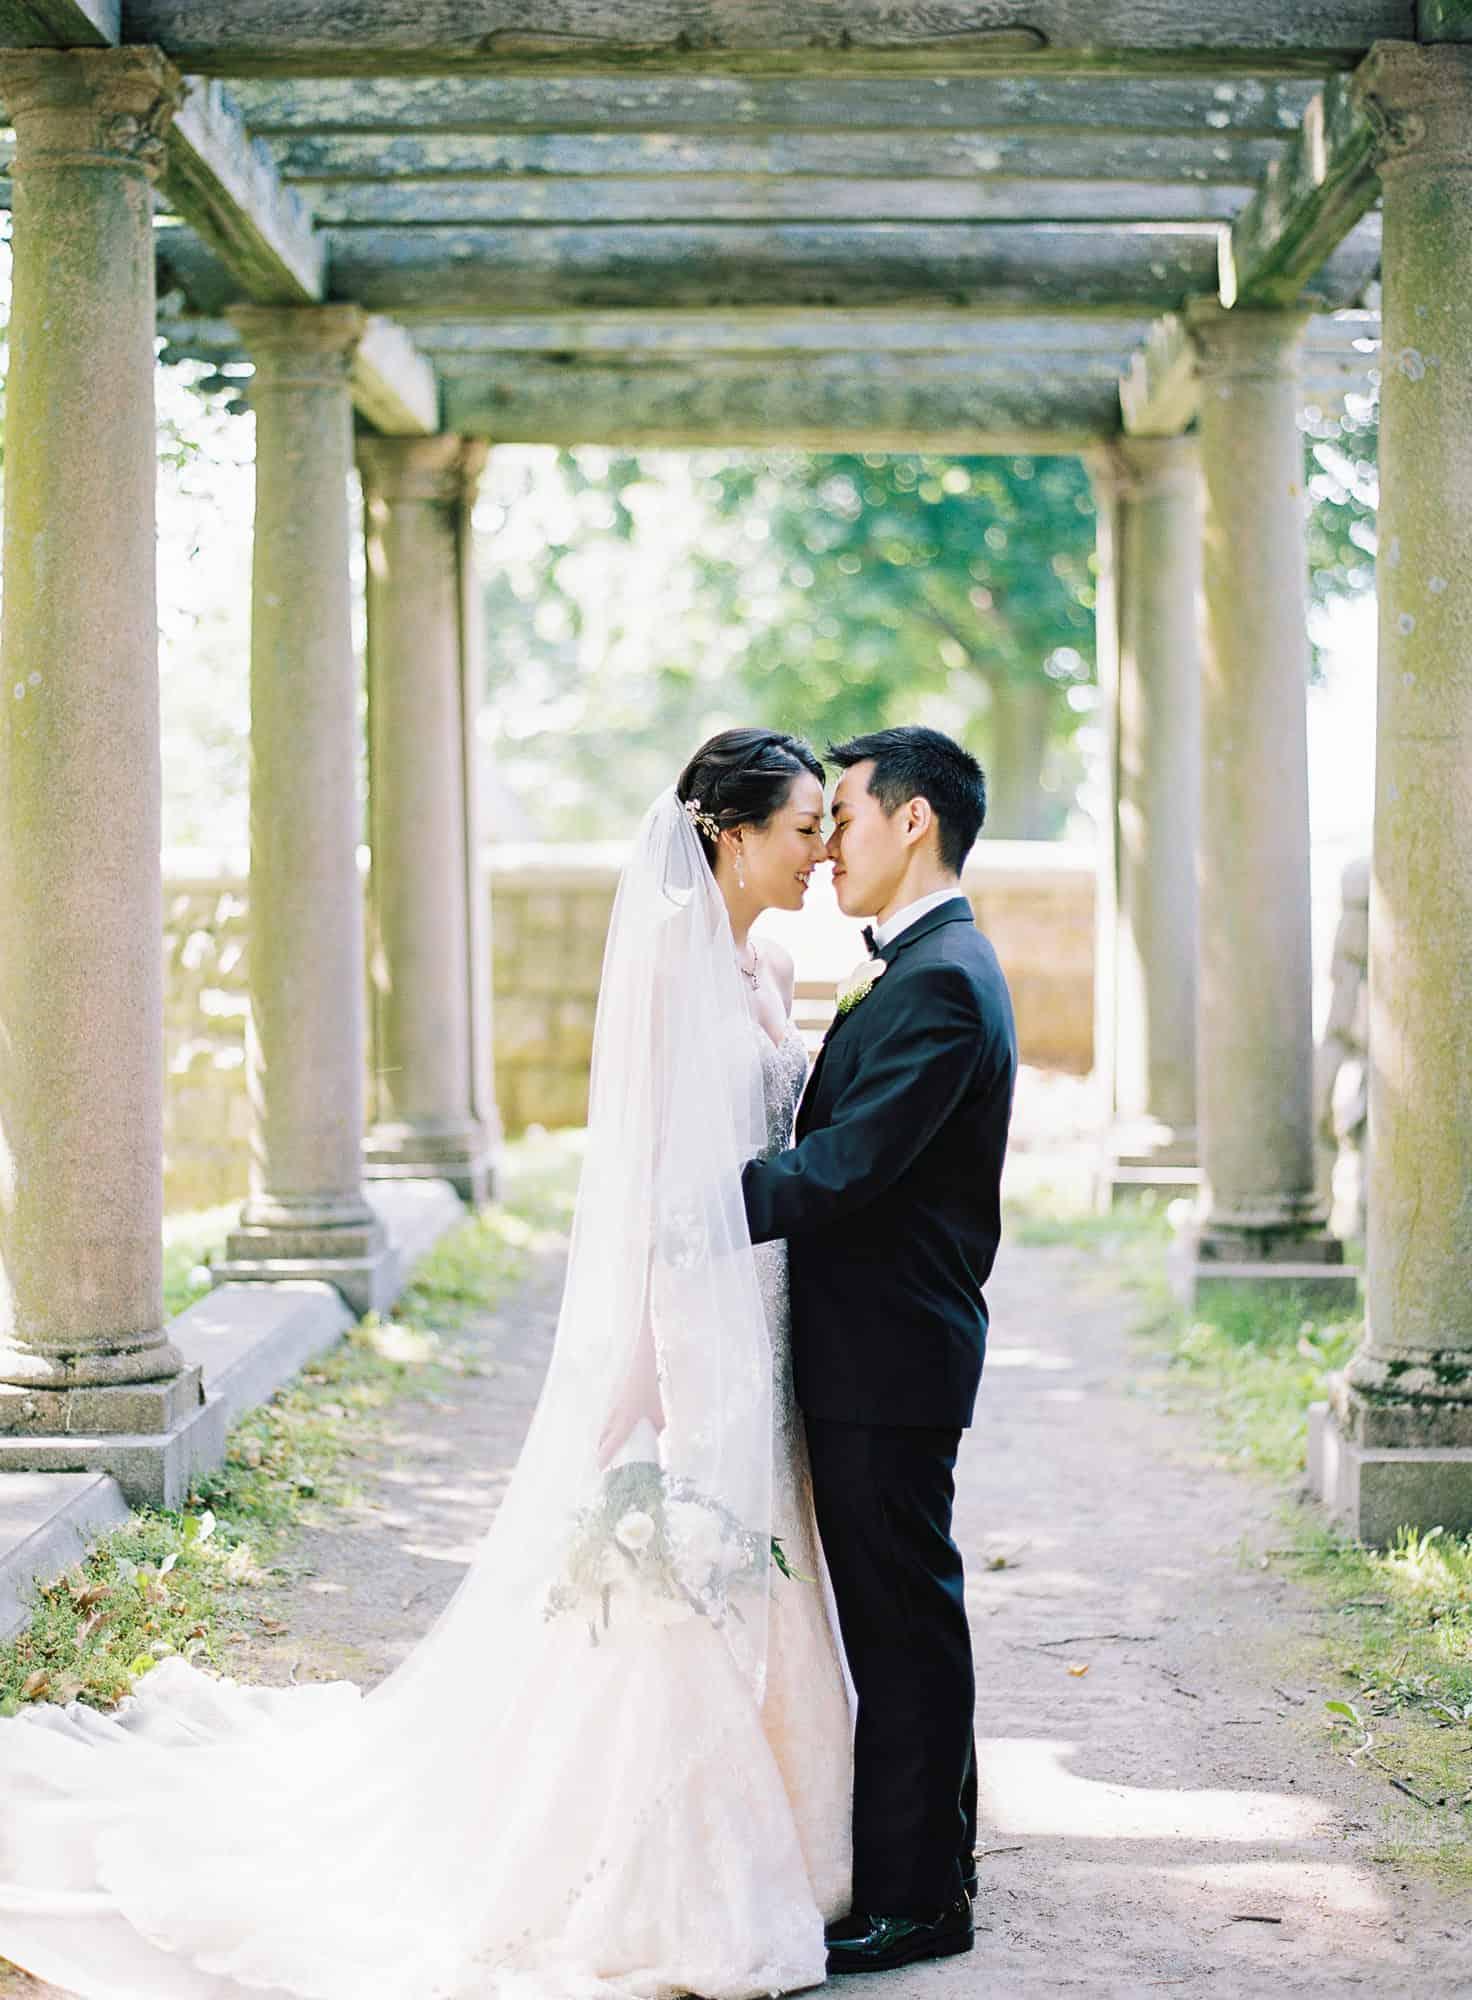 Boston Wedding Photographer and Wedding Photography  Nicole Baas